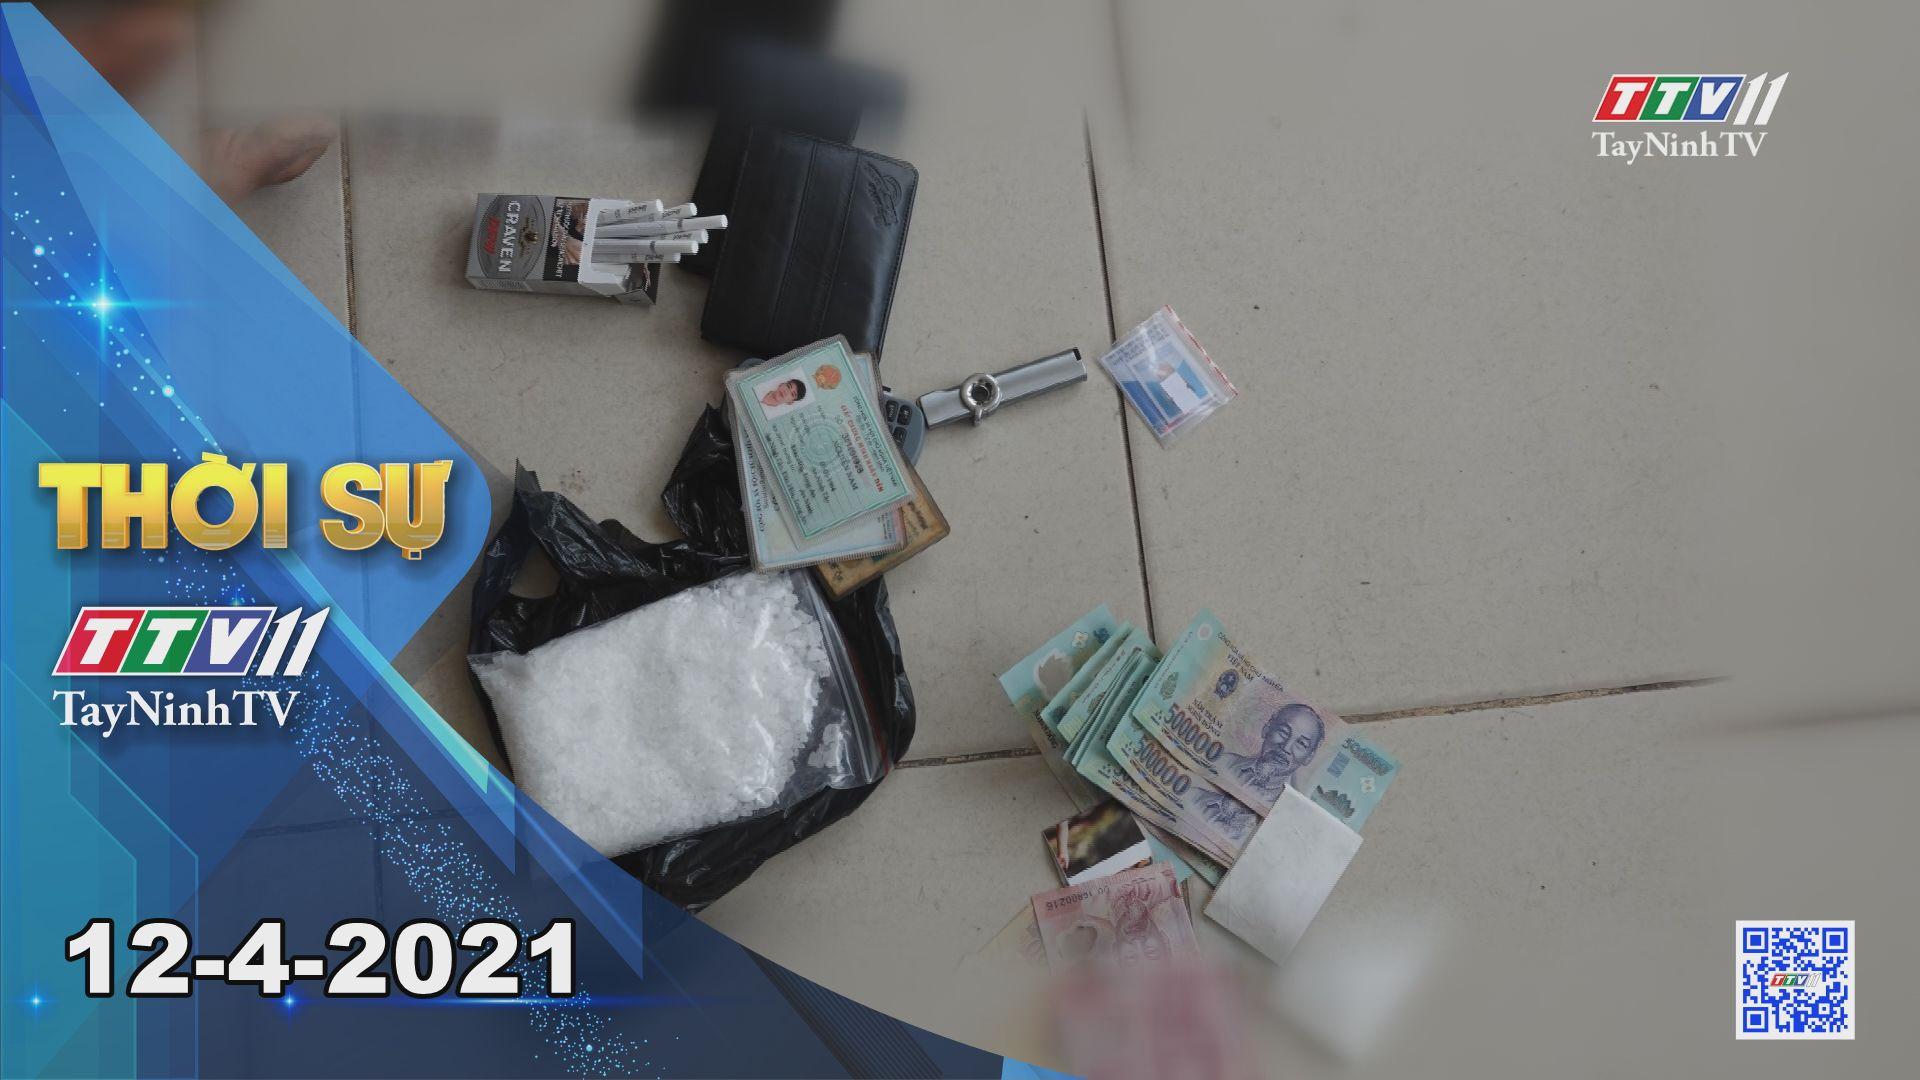 Thời sự Tây Ninh 12-4-2021 | Tin tức hôm nay | TayNinhTV